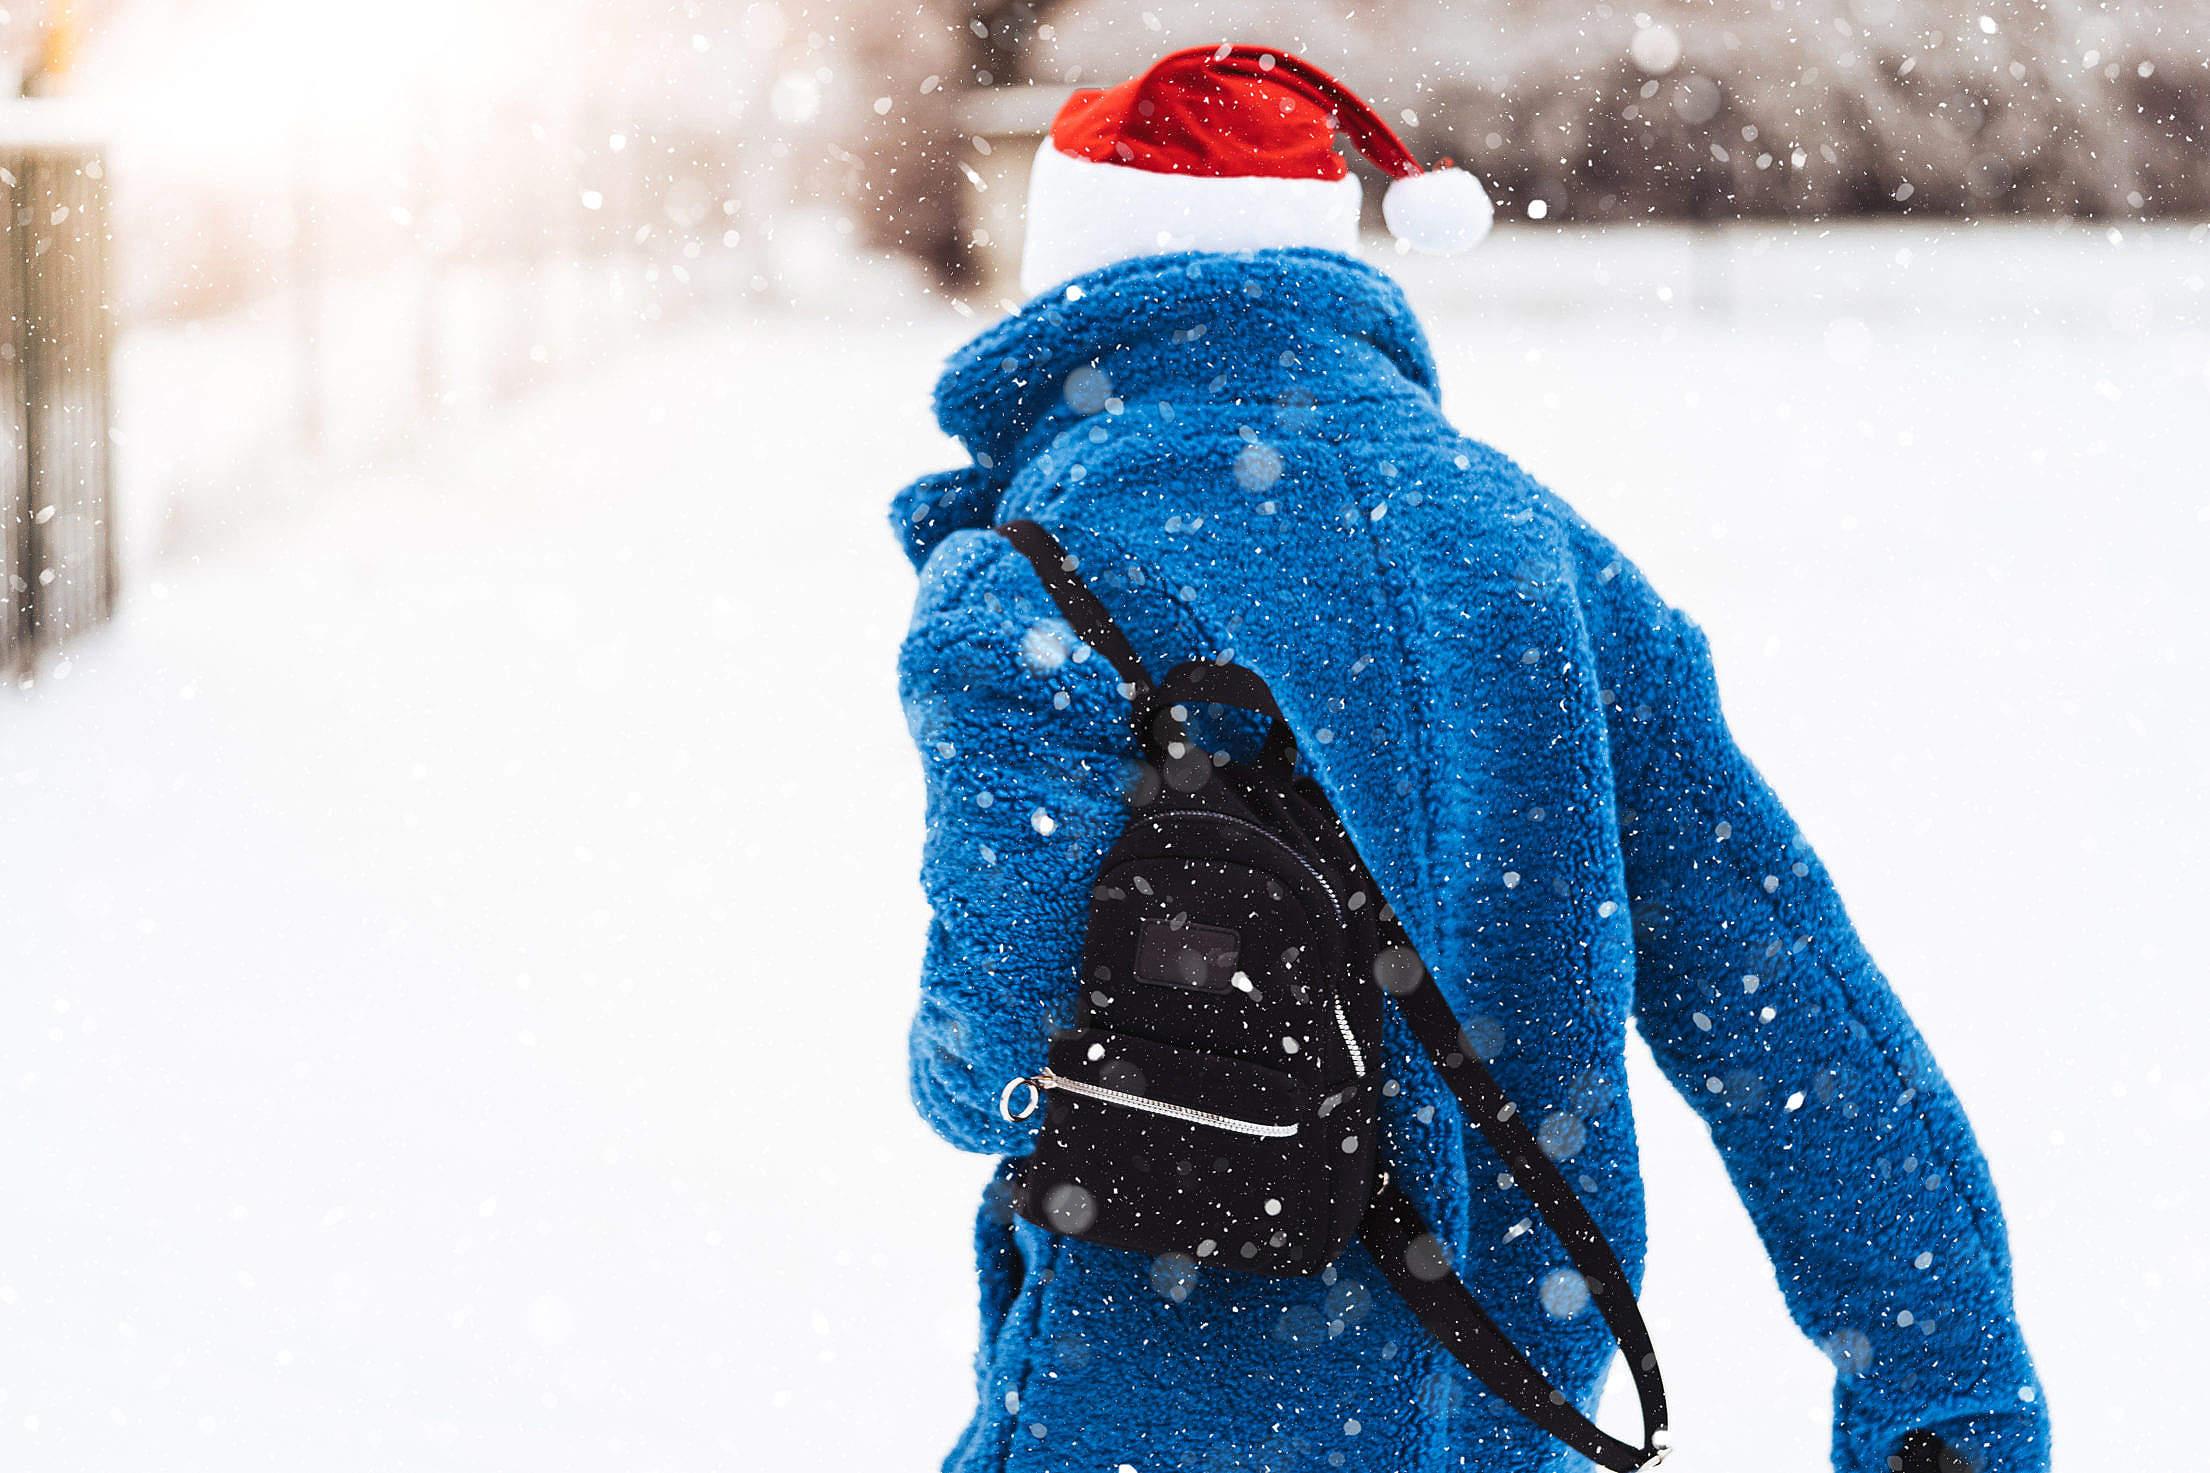 Woman Walking in a Snowy Landscape Free Stock Photo